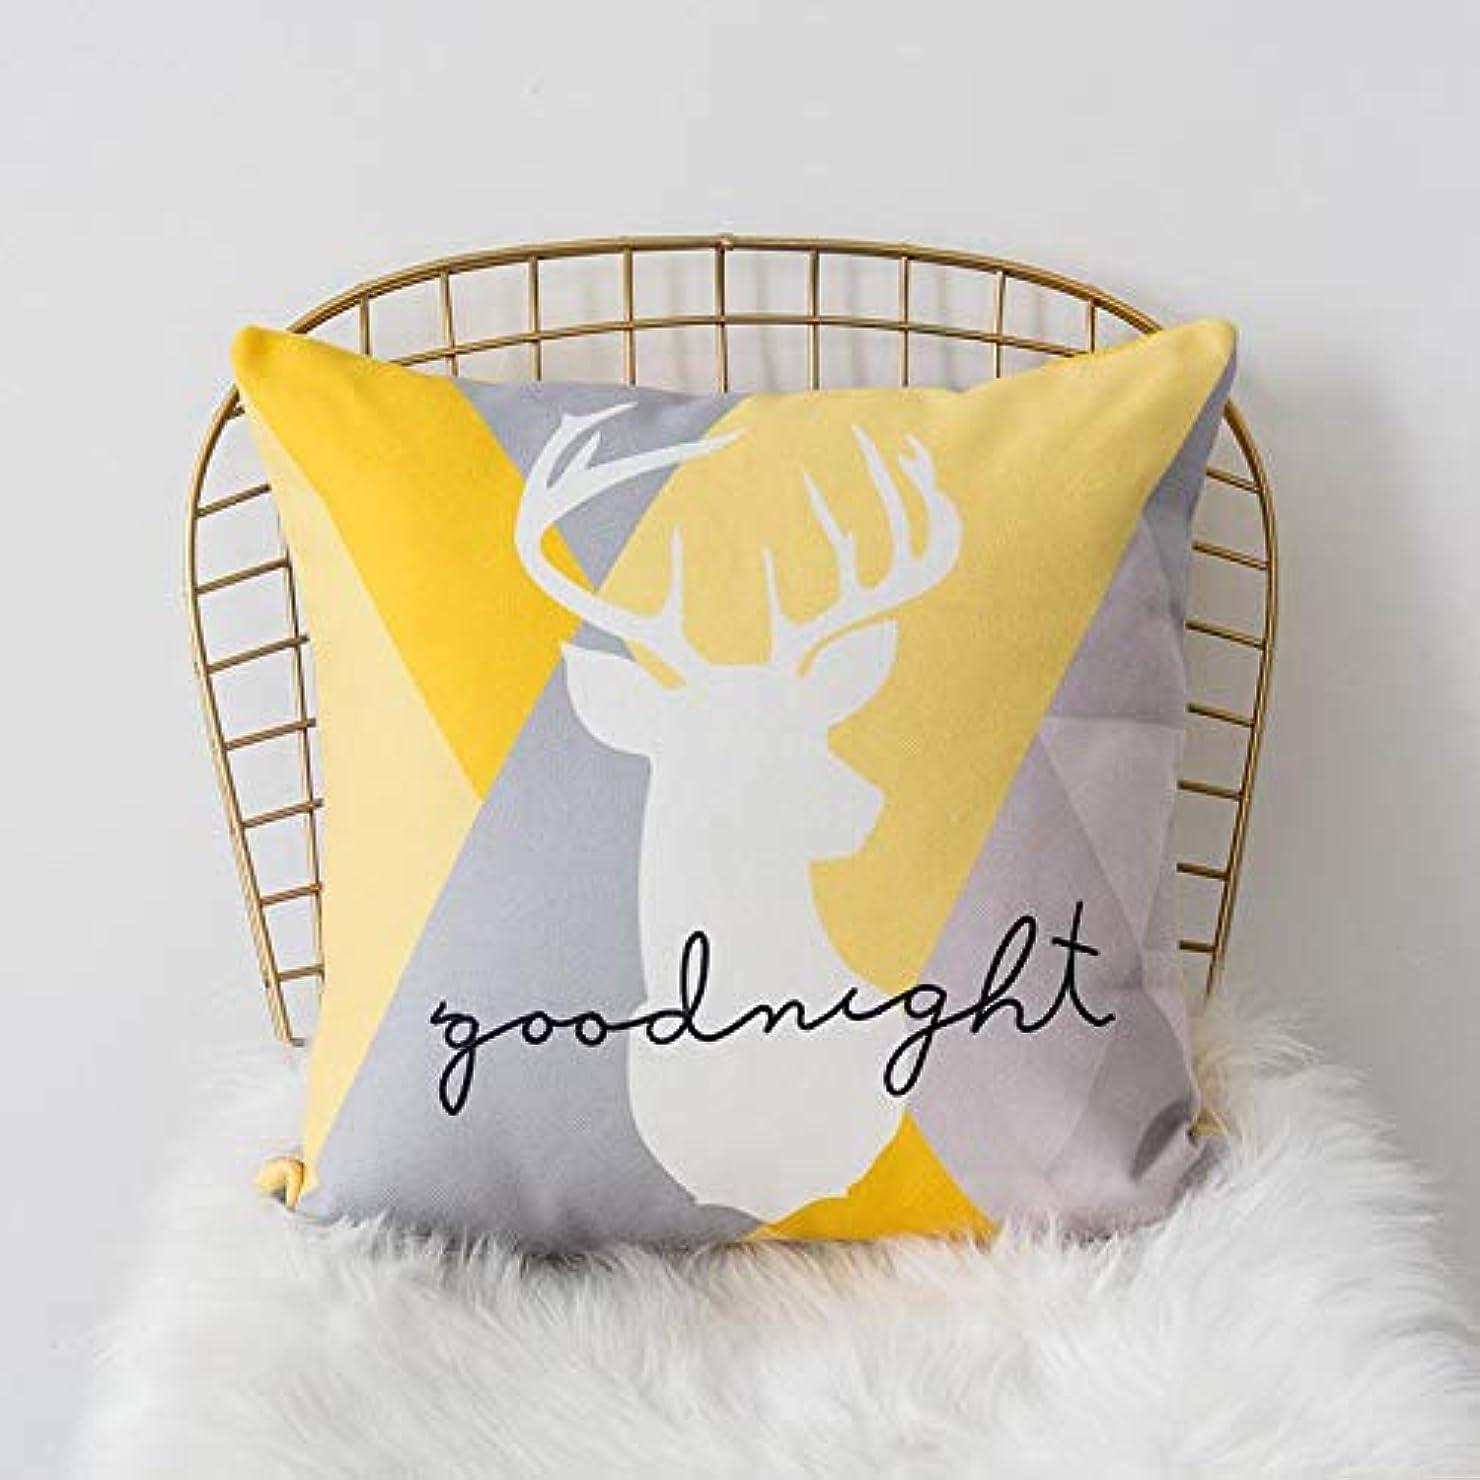 不愉快喜劇バリアSMART 黄色グレー枕北欧スタイル黄色ヘラジカ幾何枕リビングルームのインテリアソファクッション Cojines 装飾良質 クッション 椅子